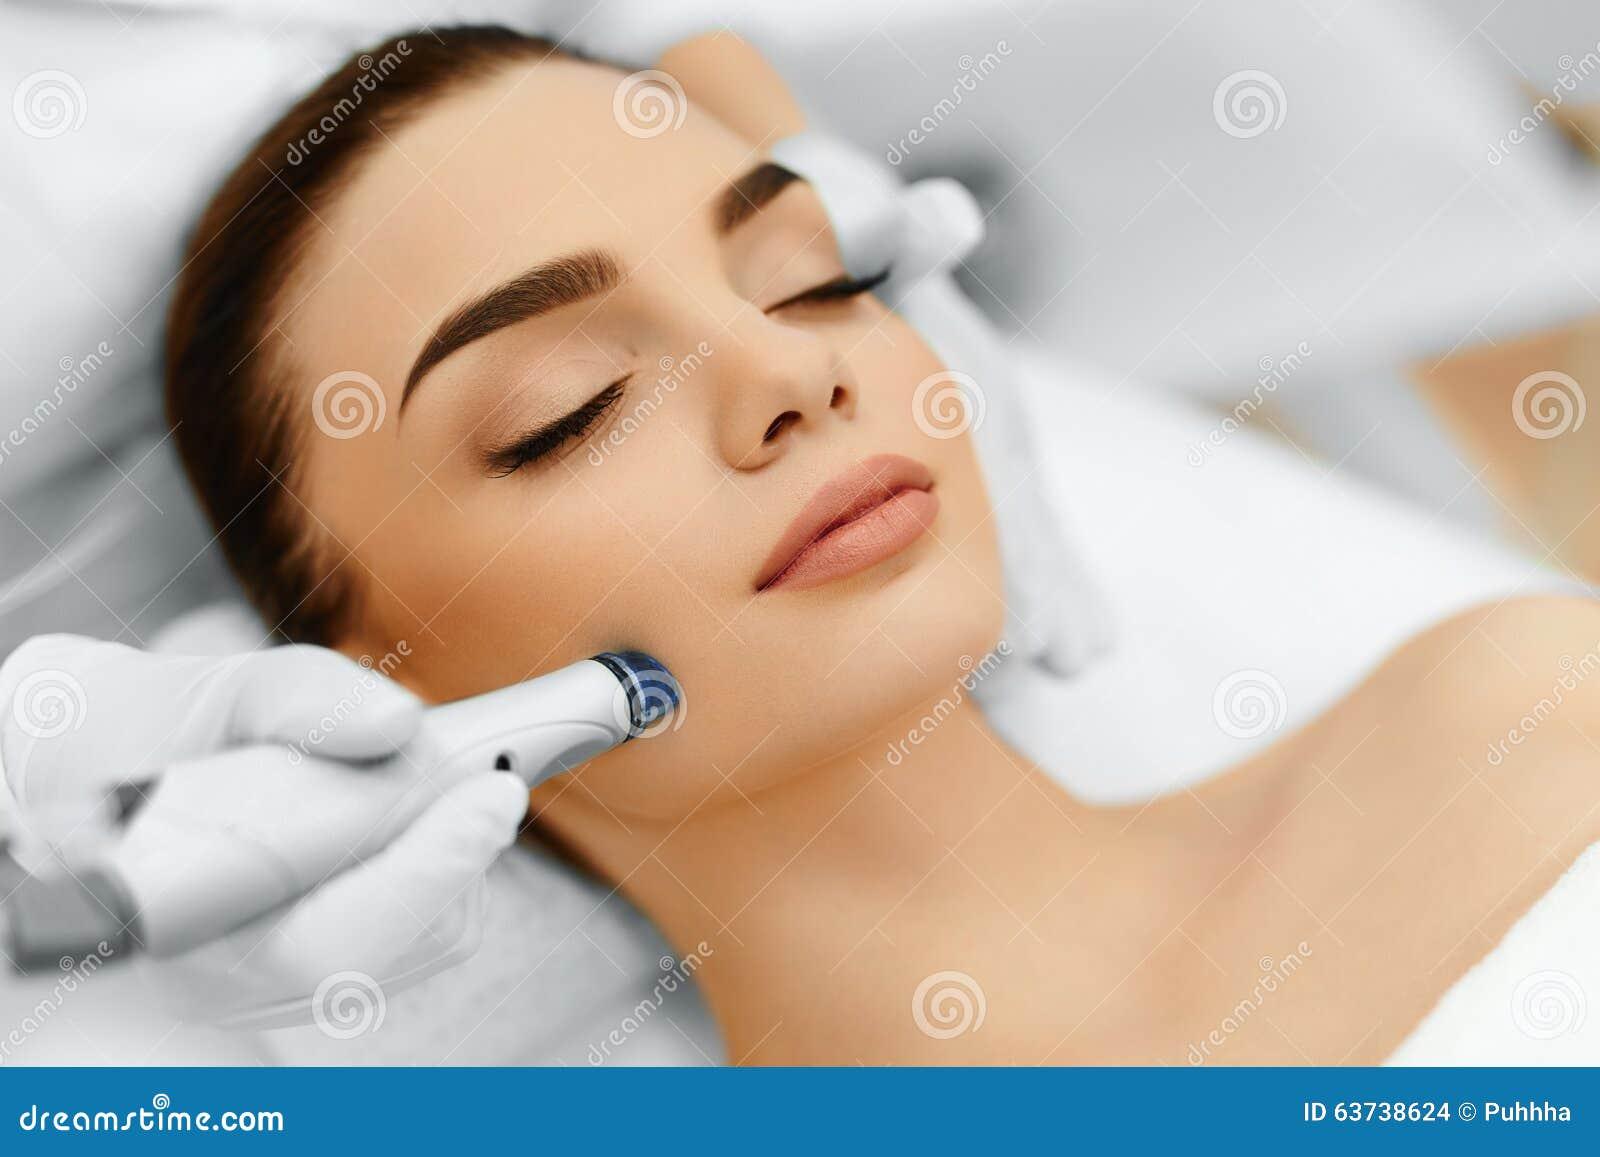 cuidados-com-pele-da-cara-hidro-tratamento-facial-da-casca-de-microdermabrasion-63738624.jpg